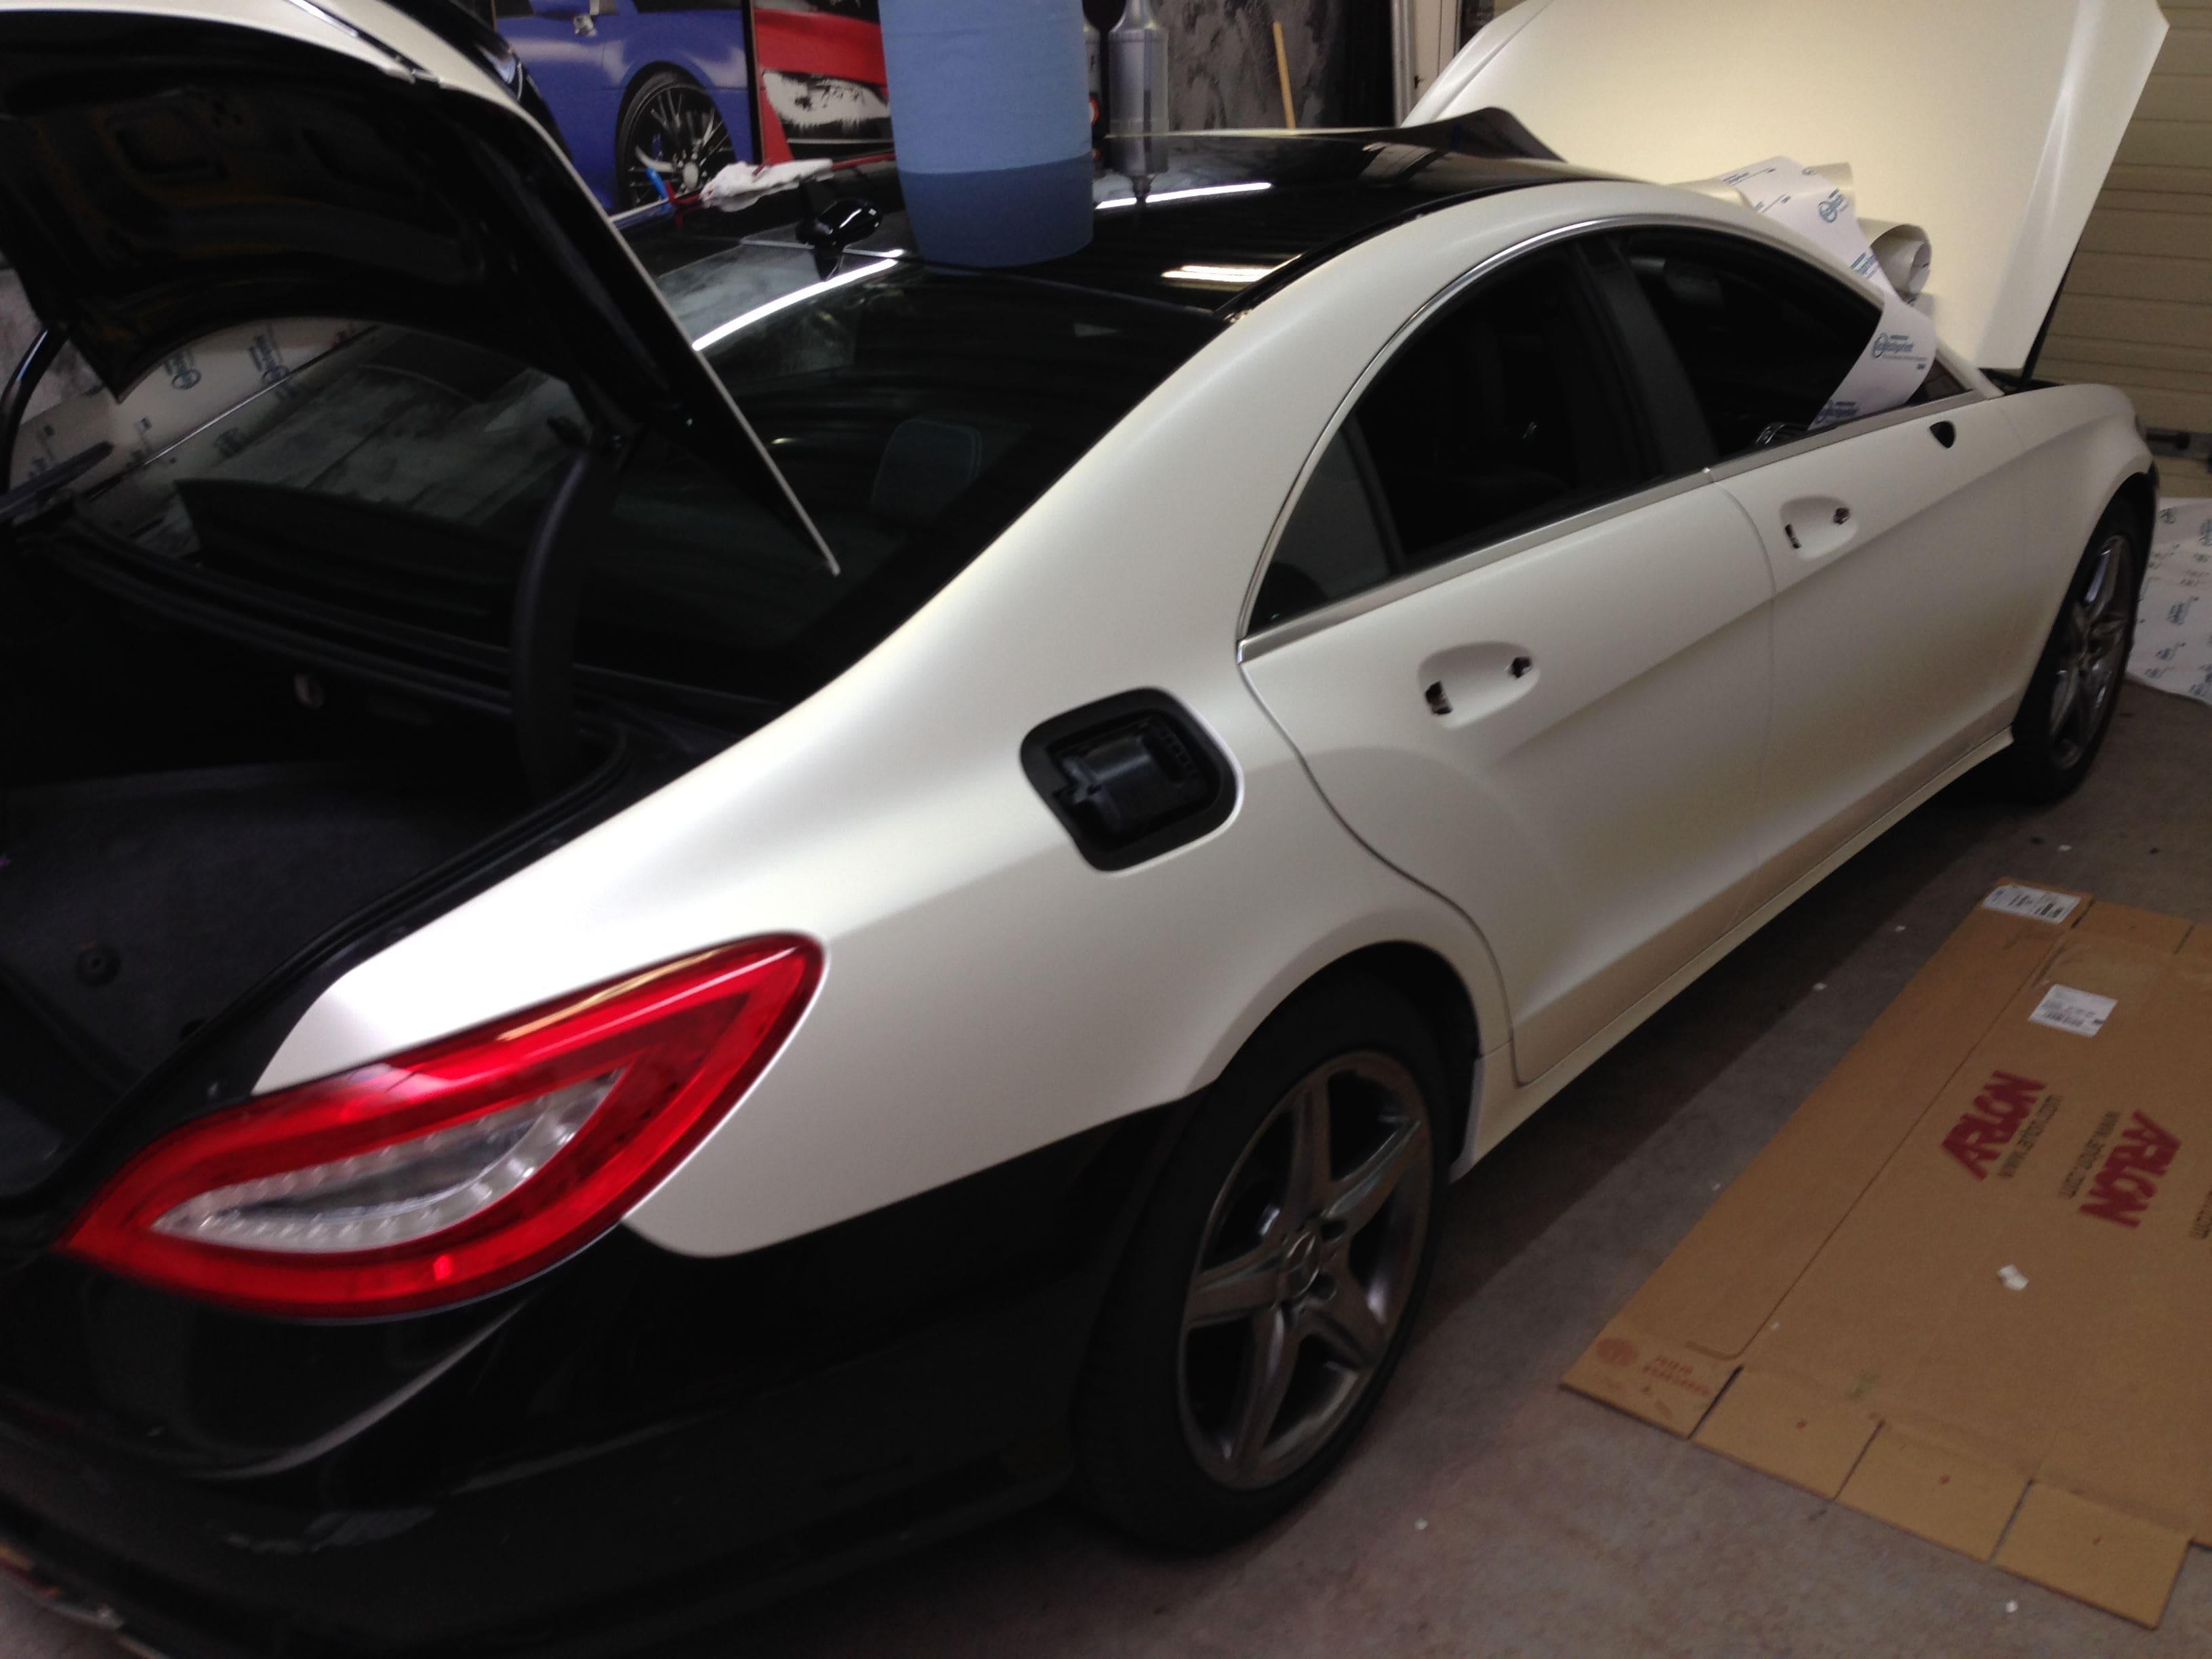 Mercedes CLS met White Satin Pearl Wrap, Carwrapping door Wrapmyride.nu Foto-nr:6178, ©2021